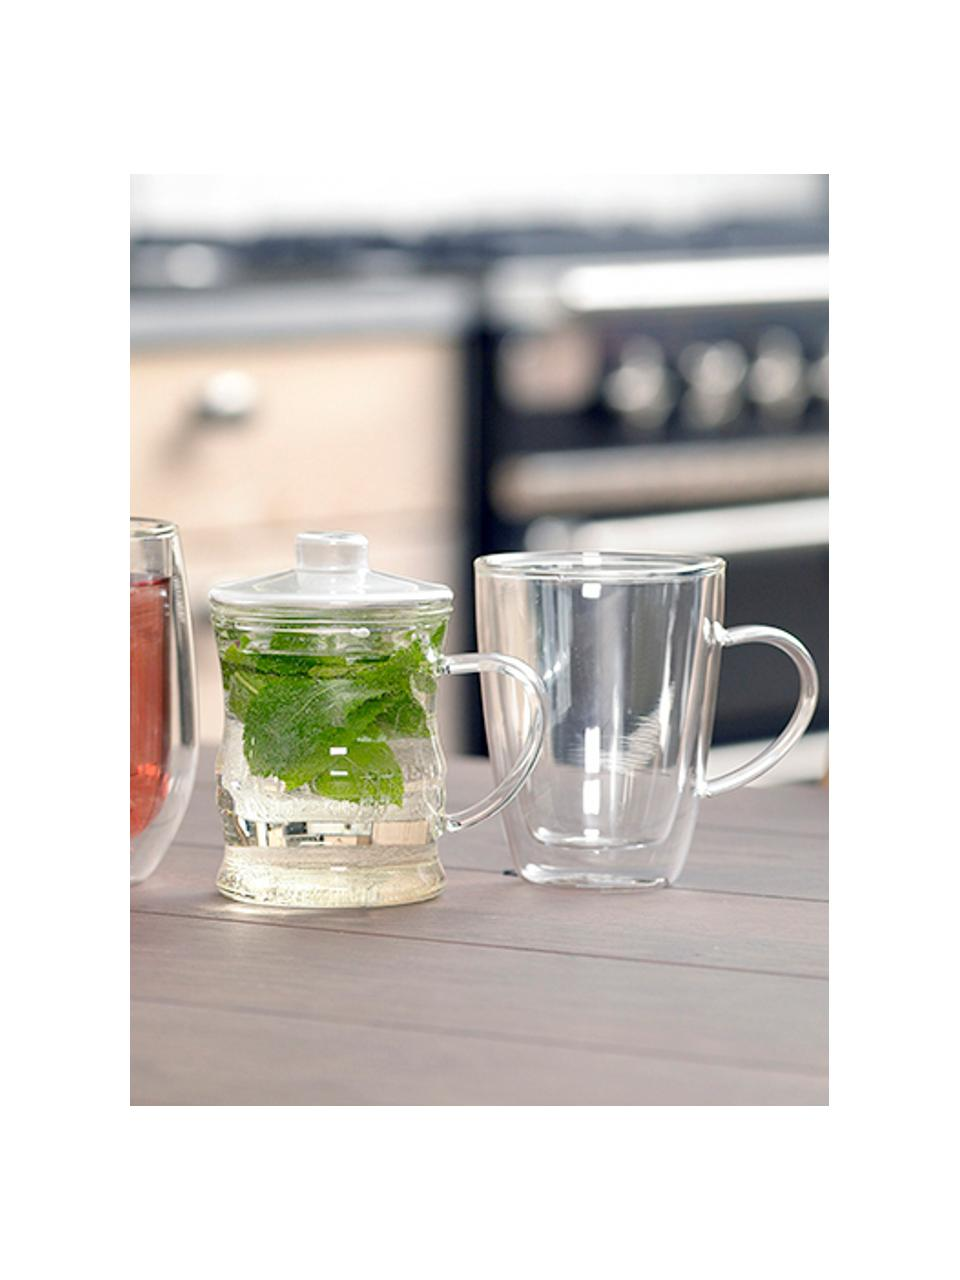 Doppelwandiges Teeglas Isolate, 2 Stück, Borosilikatglas, Transparent, Ø 9 x H 12 cm